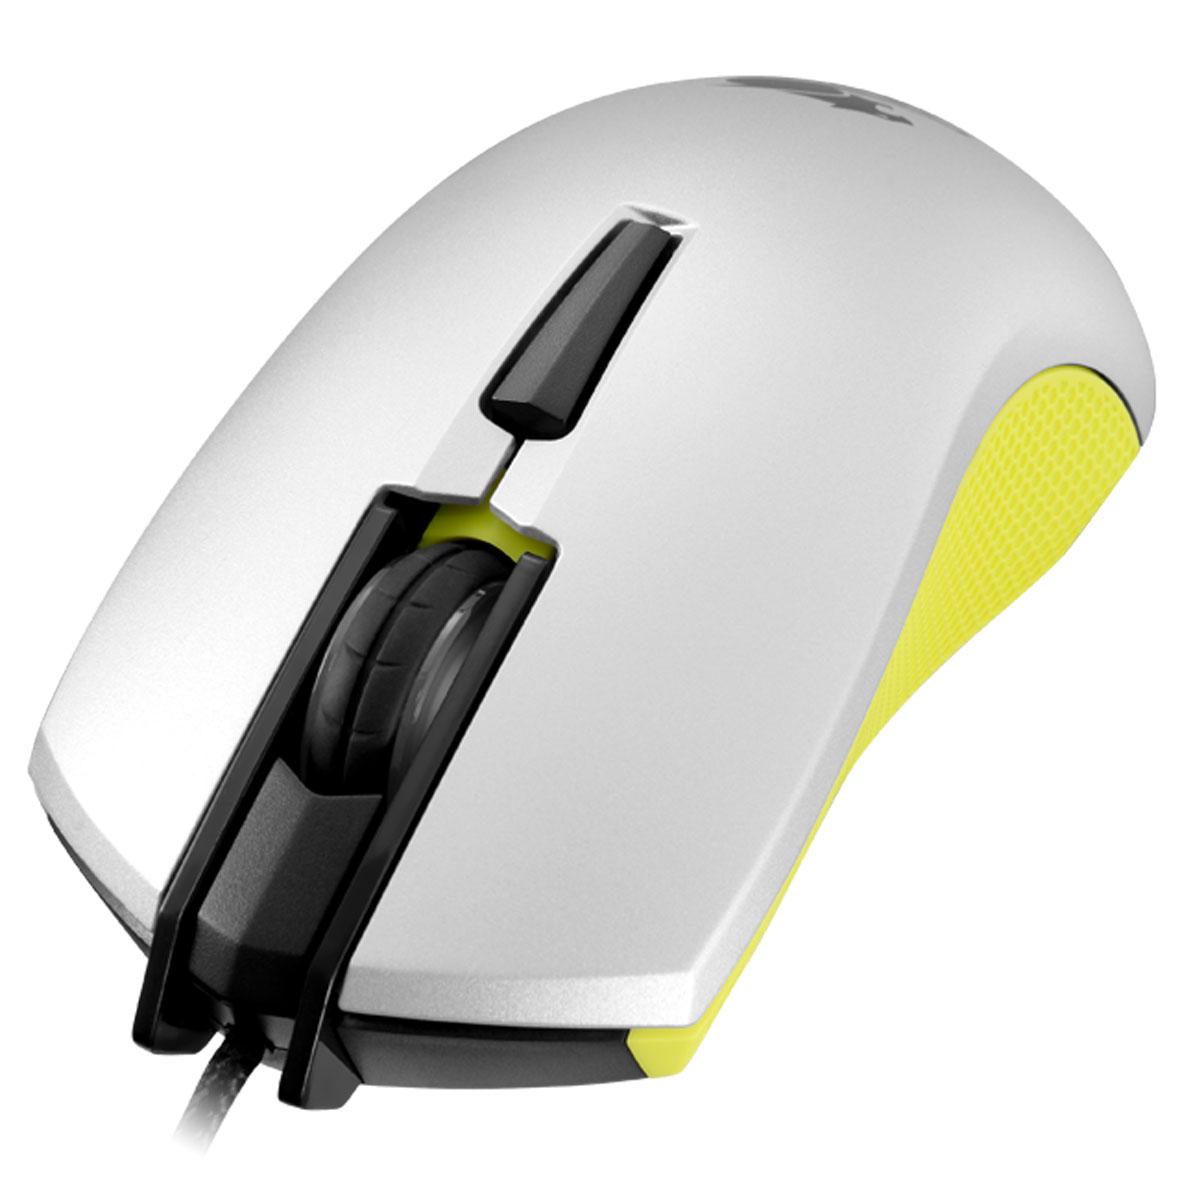 Cougar 230M, Yellow игровая мышьCU230M-YИгровая мышь Cougar 230M с оптическим сенсором продвинутого игрового уровня сочетает в себе доступную цену и функциональность. Продвинутый сенсор 3200 dpi: Сенсорная технология игровой точности 3200 dpi. Высокопроизводительный оптический датчик. Переключатели Omron: Переключатели Omron гарантируют 5 миллионов кликов для самой продолжительной игровой жизни. Переключение On-the-Fly: Система настройки разрешения dpi ON-THE-FLY. Быстрое переключение между различными настройками разрешения - 400/800/1600/3200 dpi. симметричная форма: Удобная форма Cougar 230M идеально подходит для хвата как правой, так и левой рукой, а дополнительные клавиши расположены с обеих сторон, что позволяет и левшам, и правшам использовать полную функциональность мыши. Плетеный Кабель: Прочное и долговечное решение для игроманов, защищает мышь Cougar 230M от износа. Нескользящее боковое покрытие: ...